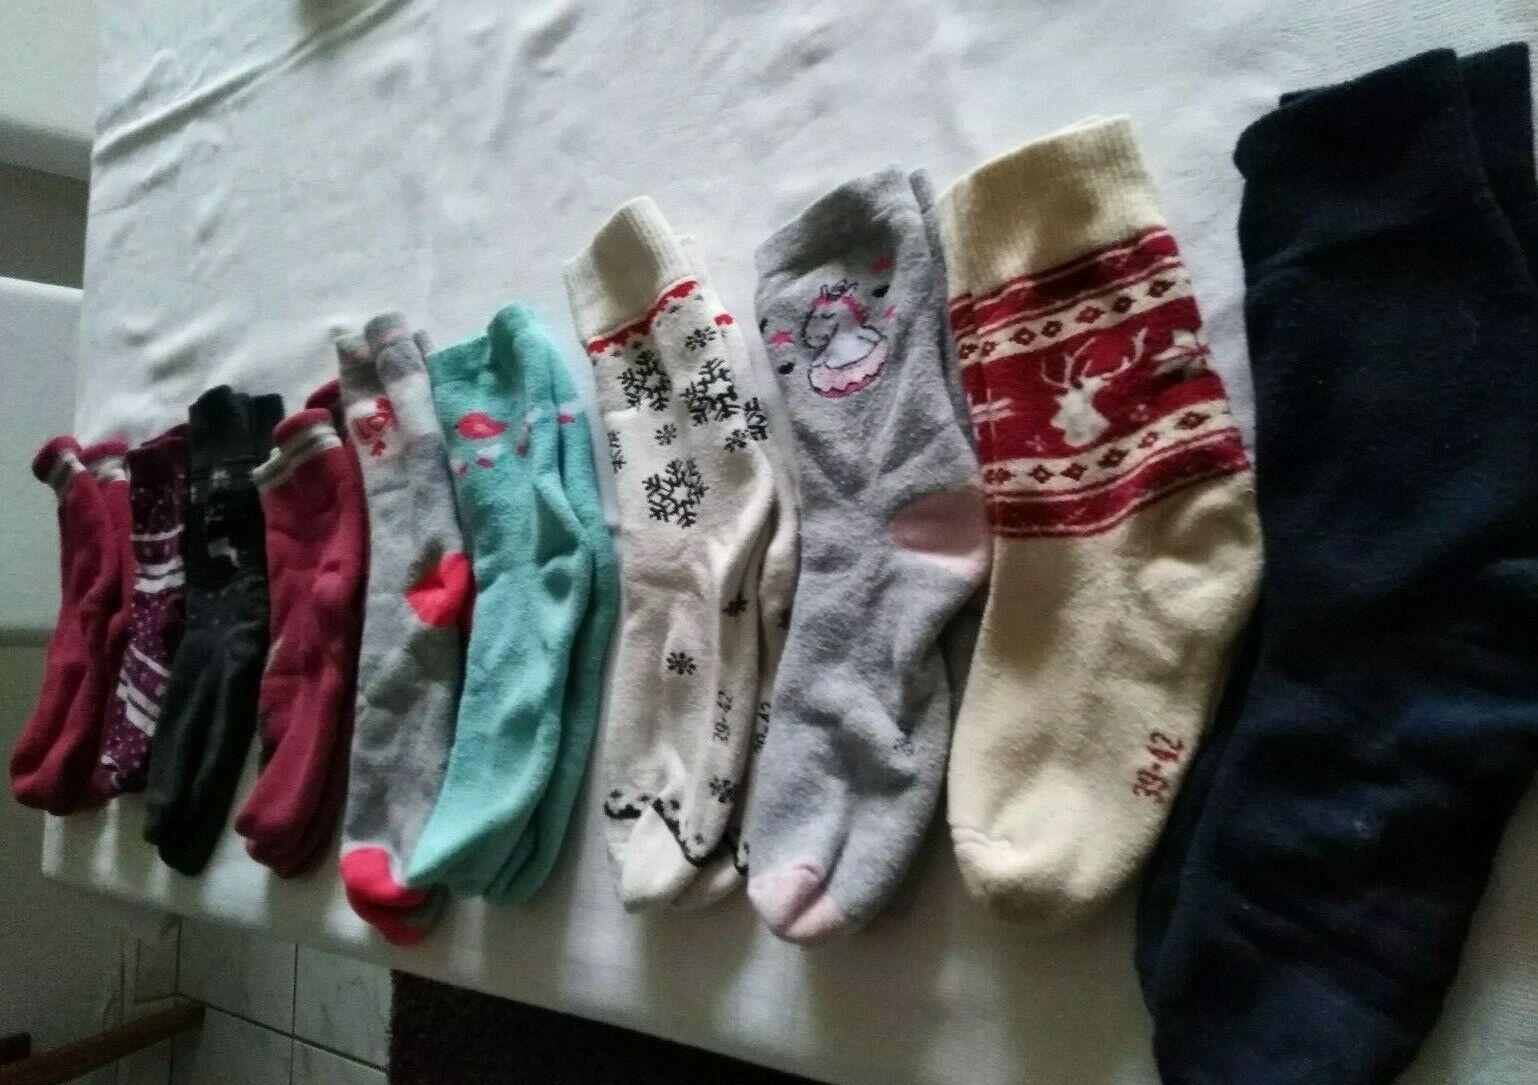 Frottee Socken 4 Stopper-Socken 6 Paar Frottee Socken Größe 39